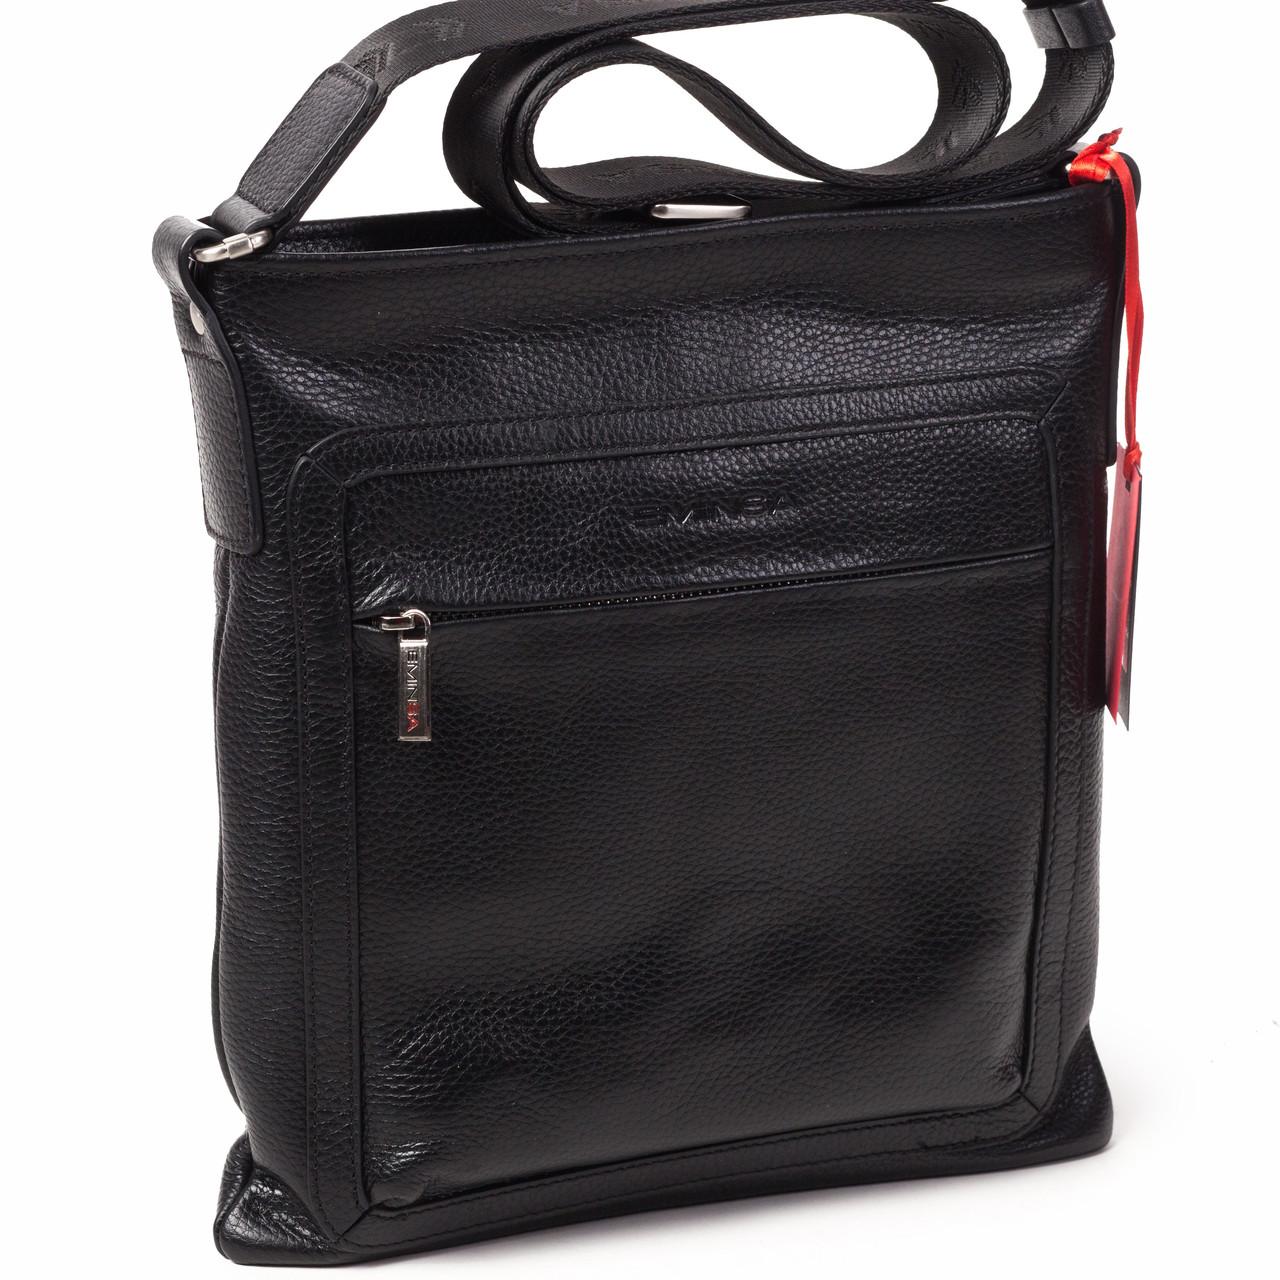 643810a8af3f Мужская сумка кожаная черная Eminsa 6098-37-1 - FainaModa магазин кожаных  изделий в